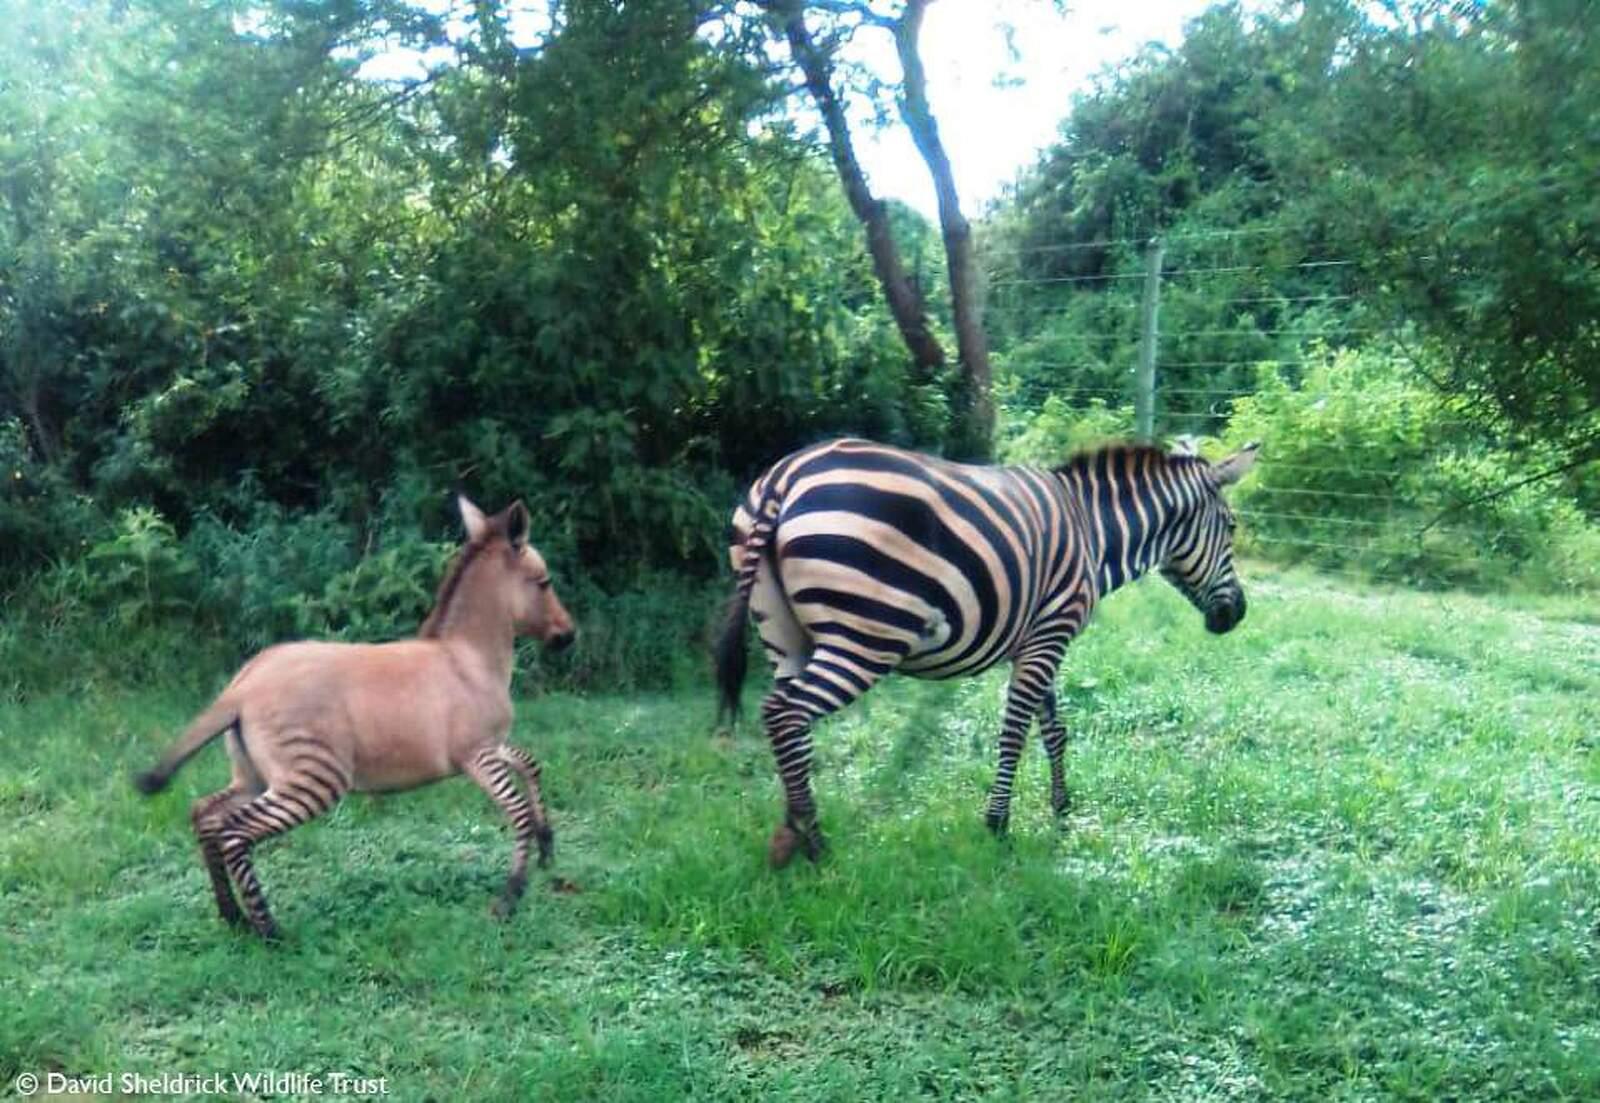 La zebra i la seva cria híbrida